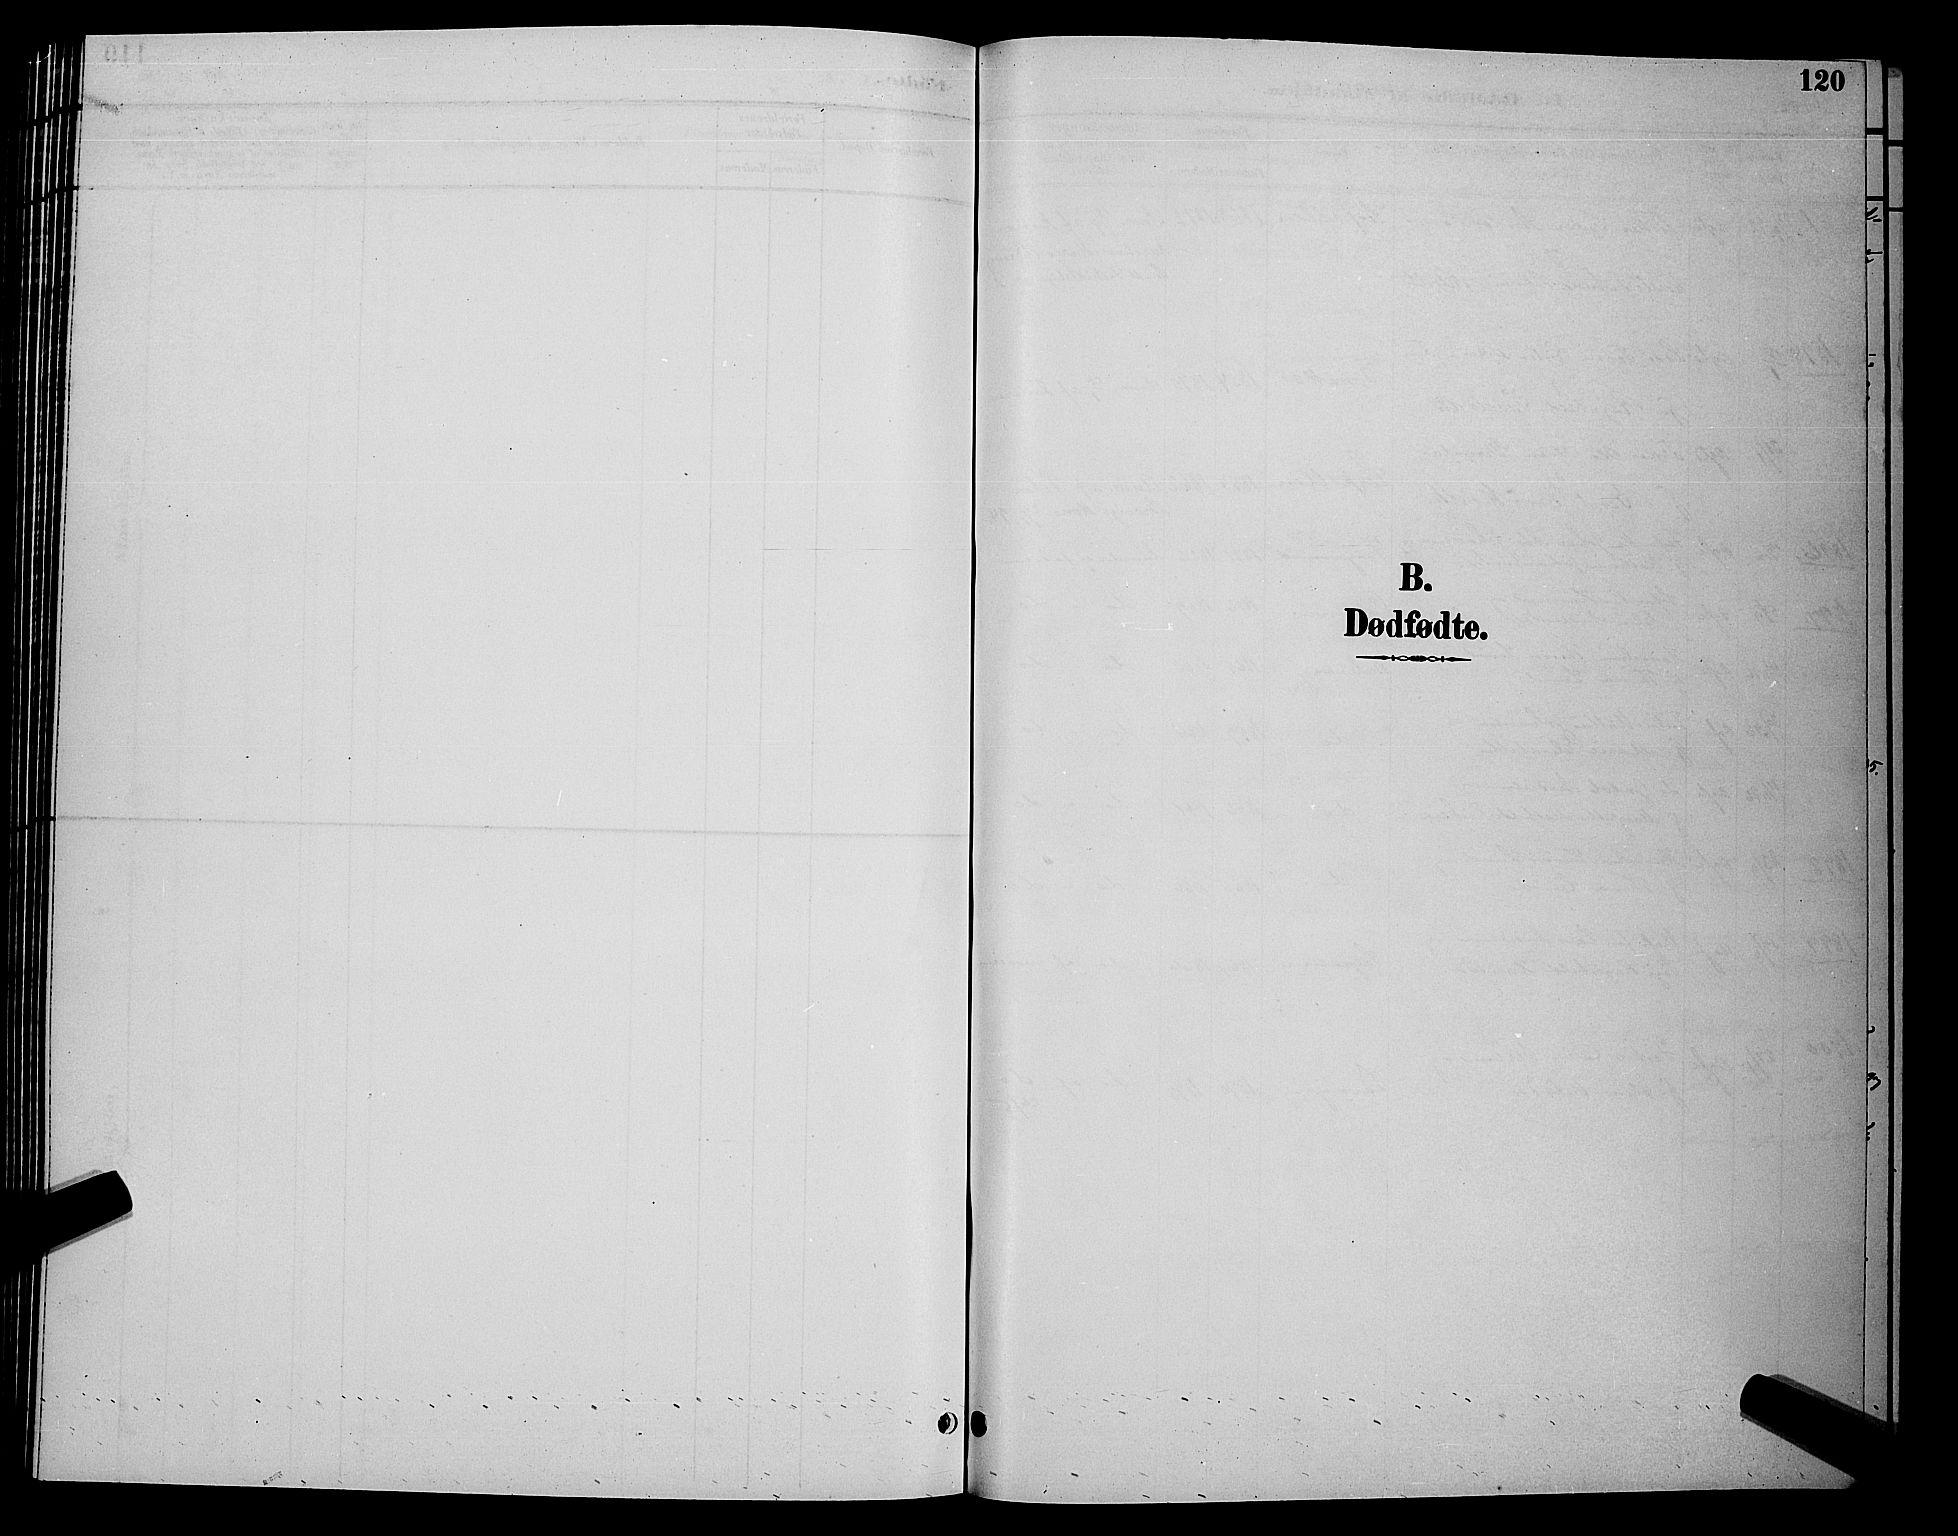 SATØ, Tana sokneprestkontor, H/Hb/L0004klokker: Klokkerbok nr. 4, 1890-1903, s. 120